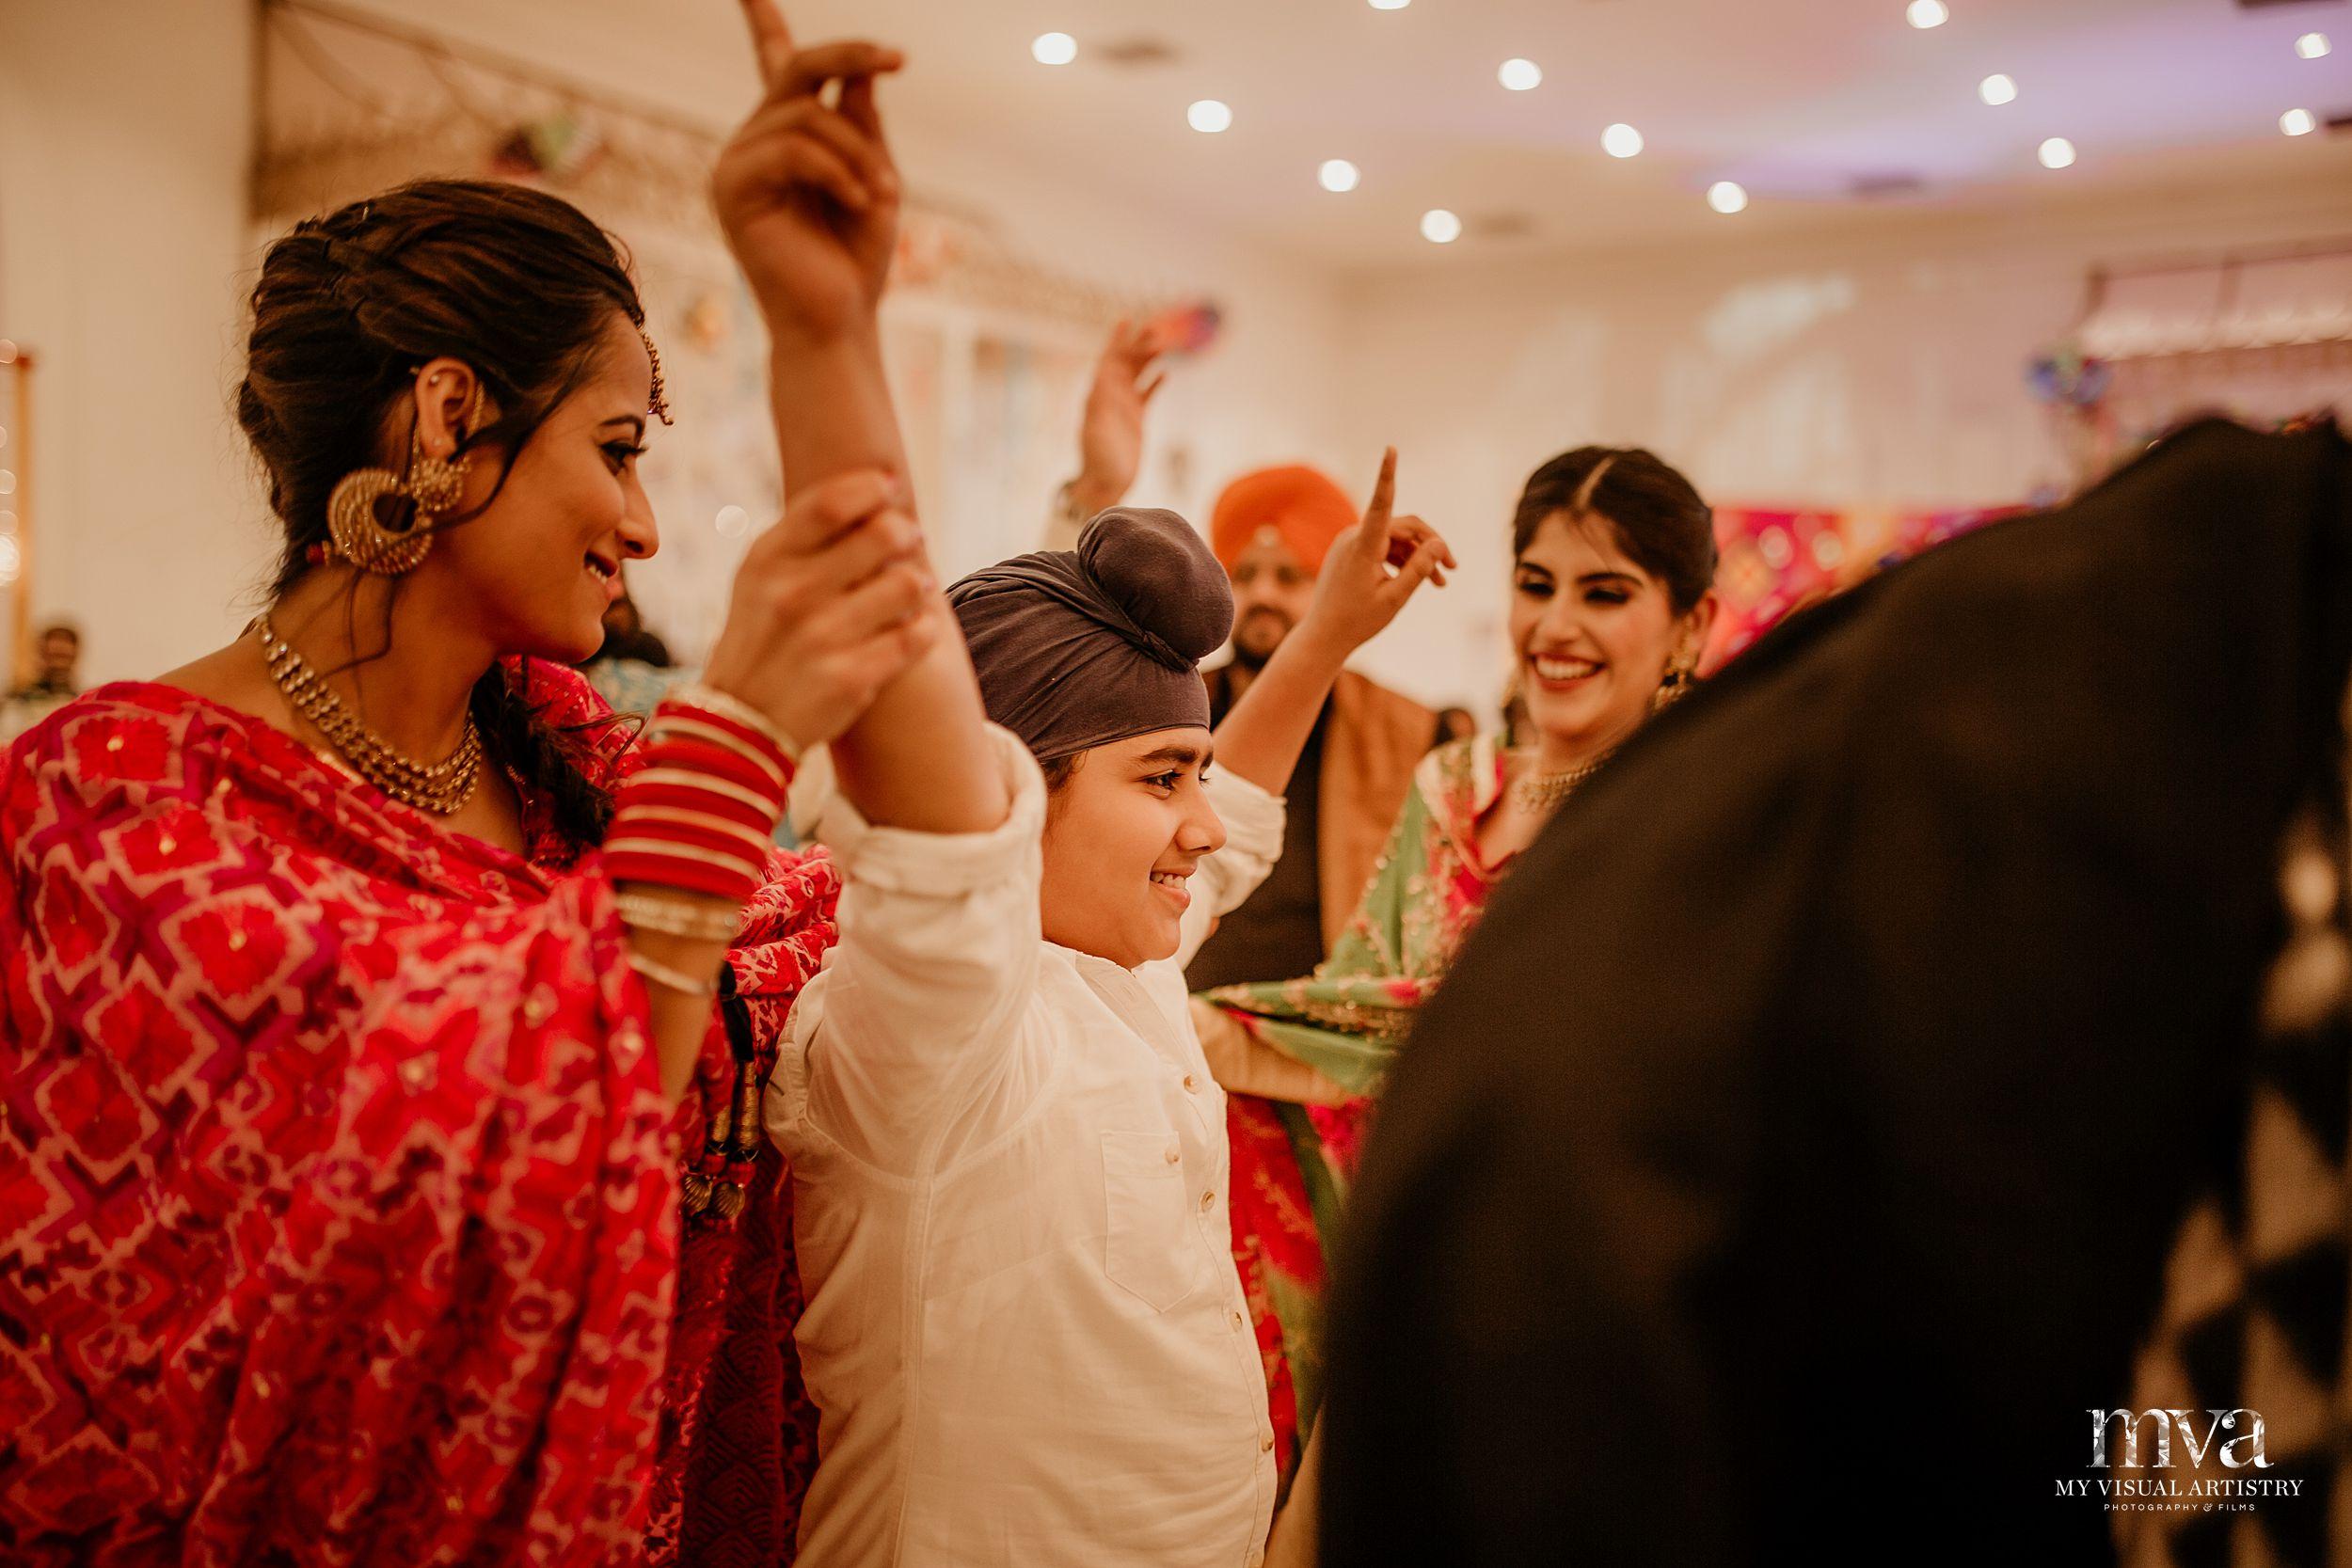 anant_arundhati_myvisualartistry_mva_wedding_sikh_ - 094.jpg